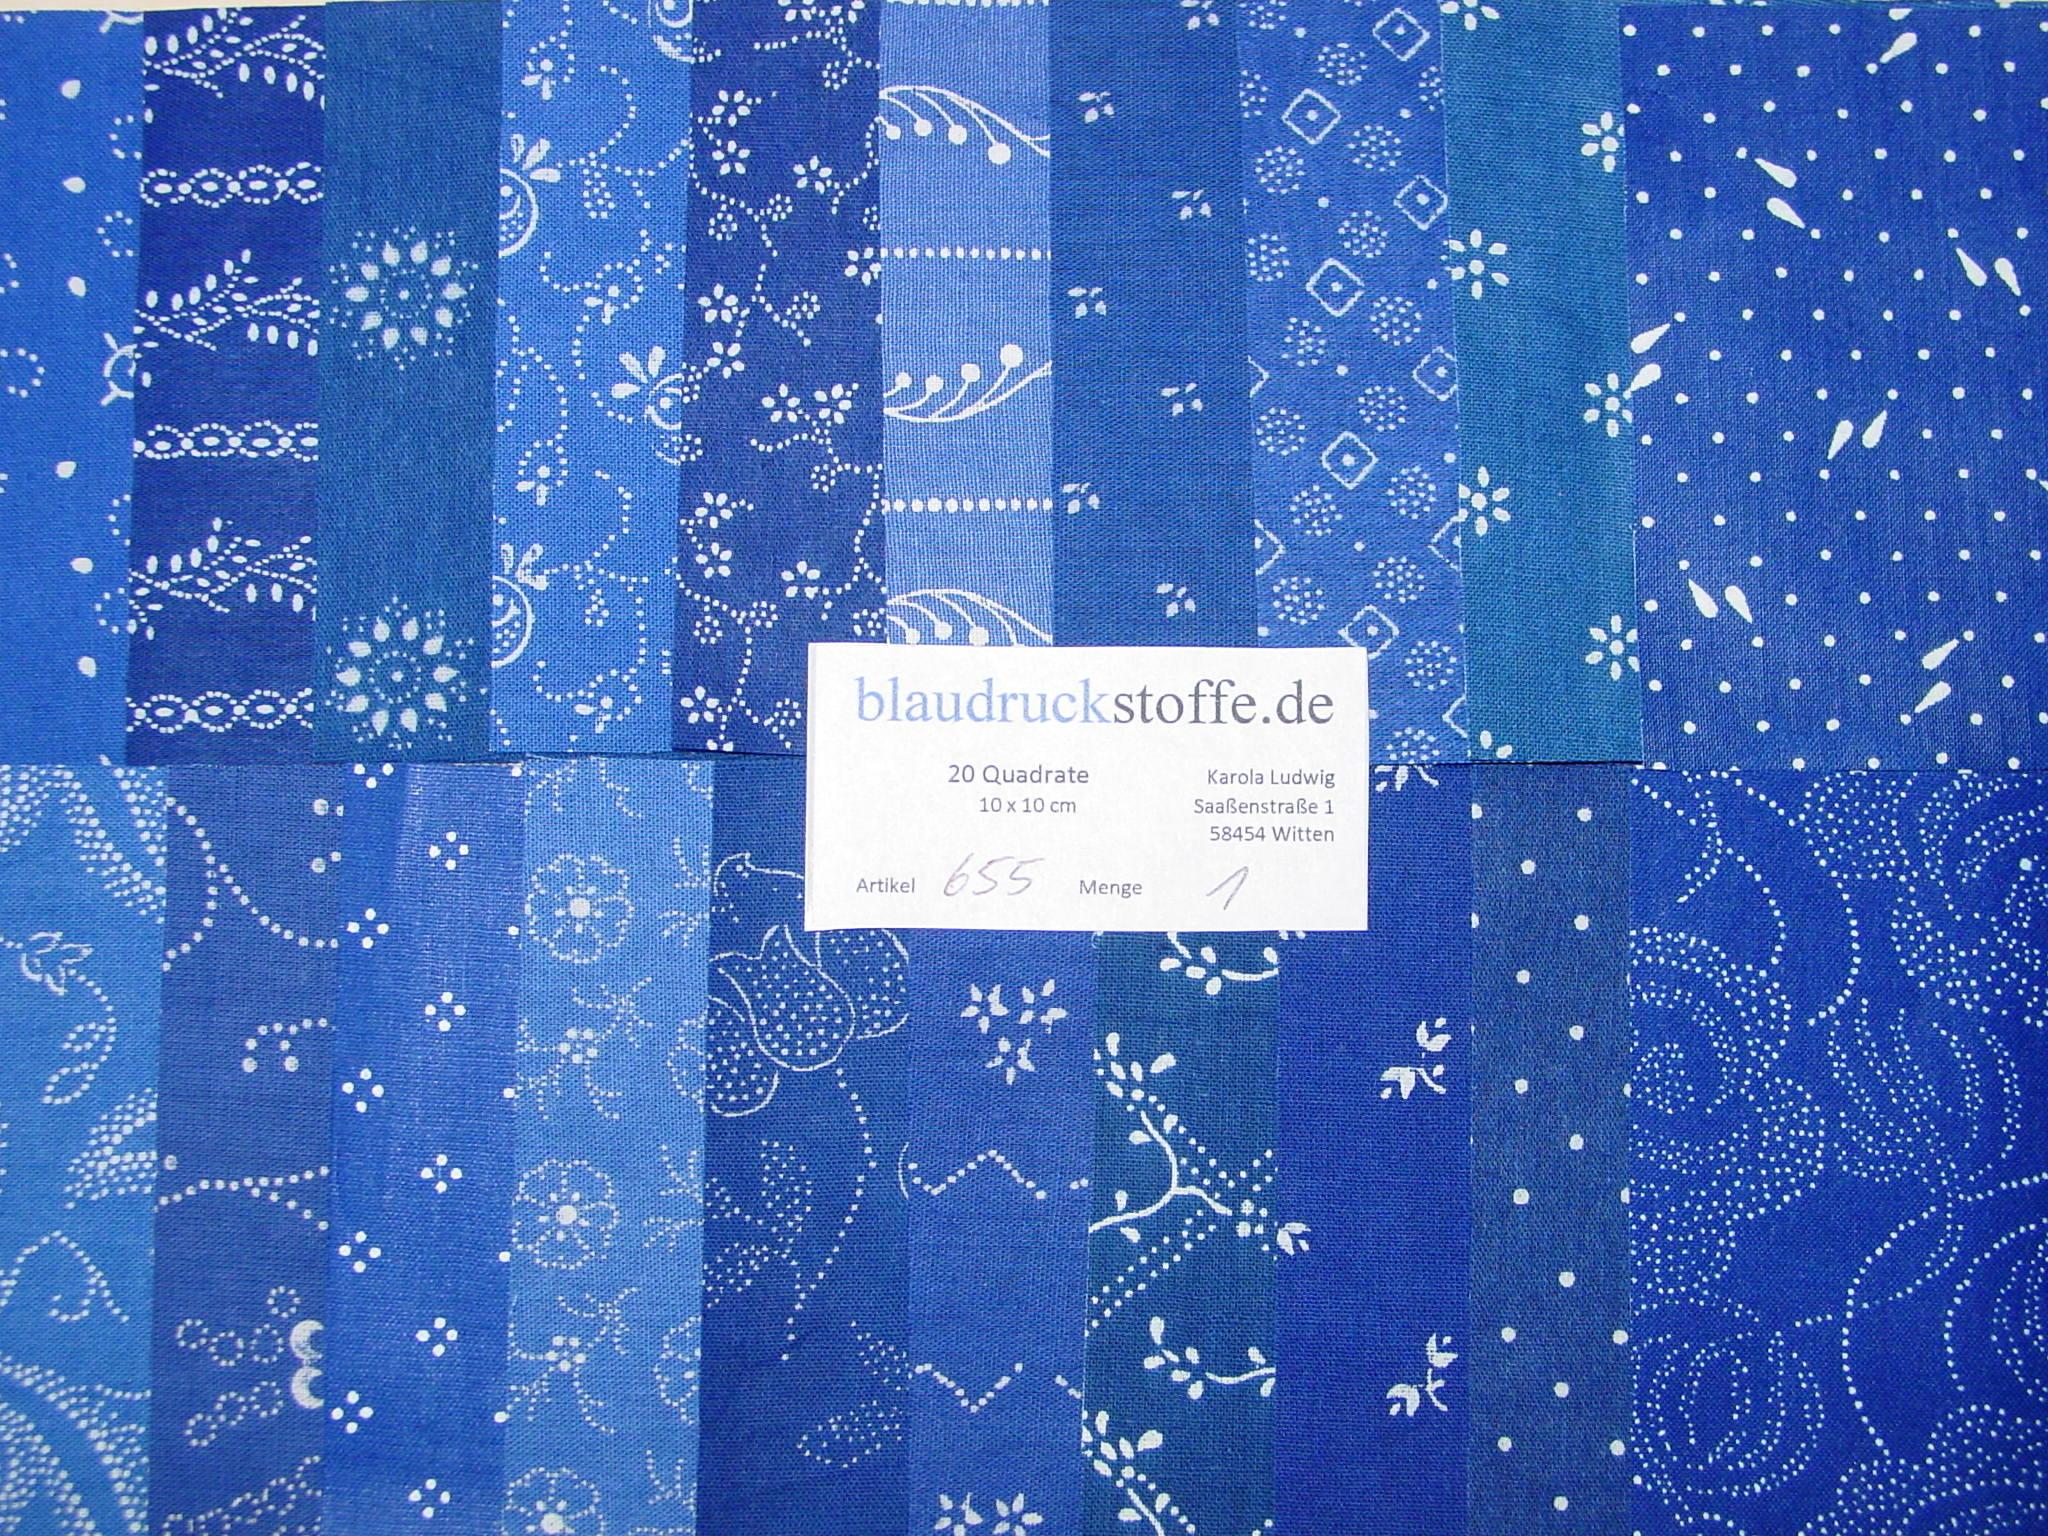 Blaudruck Patchwork-Stoffpaket 655-0